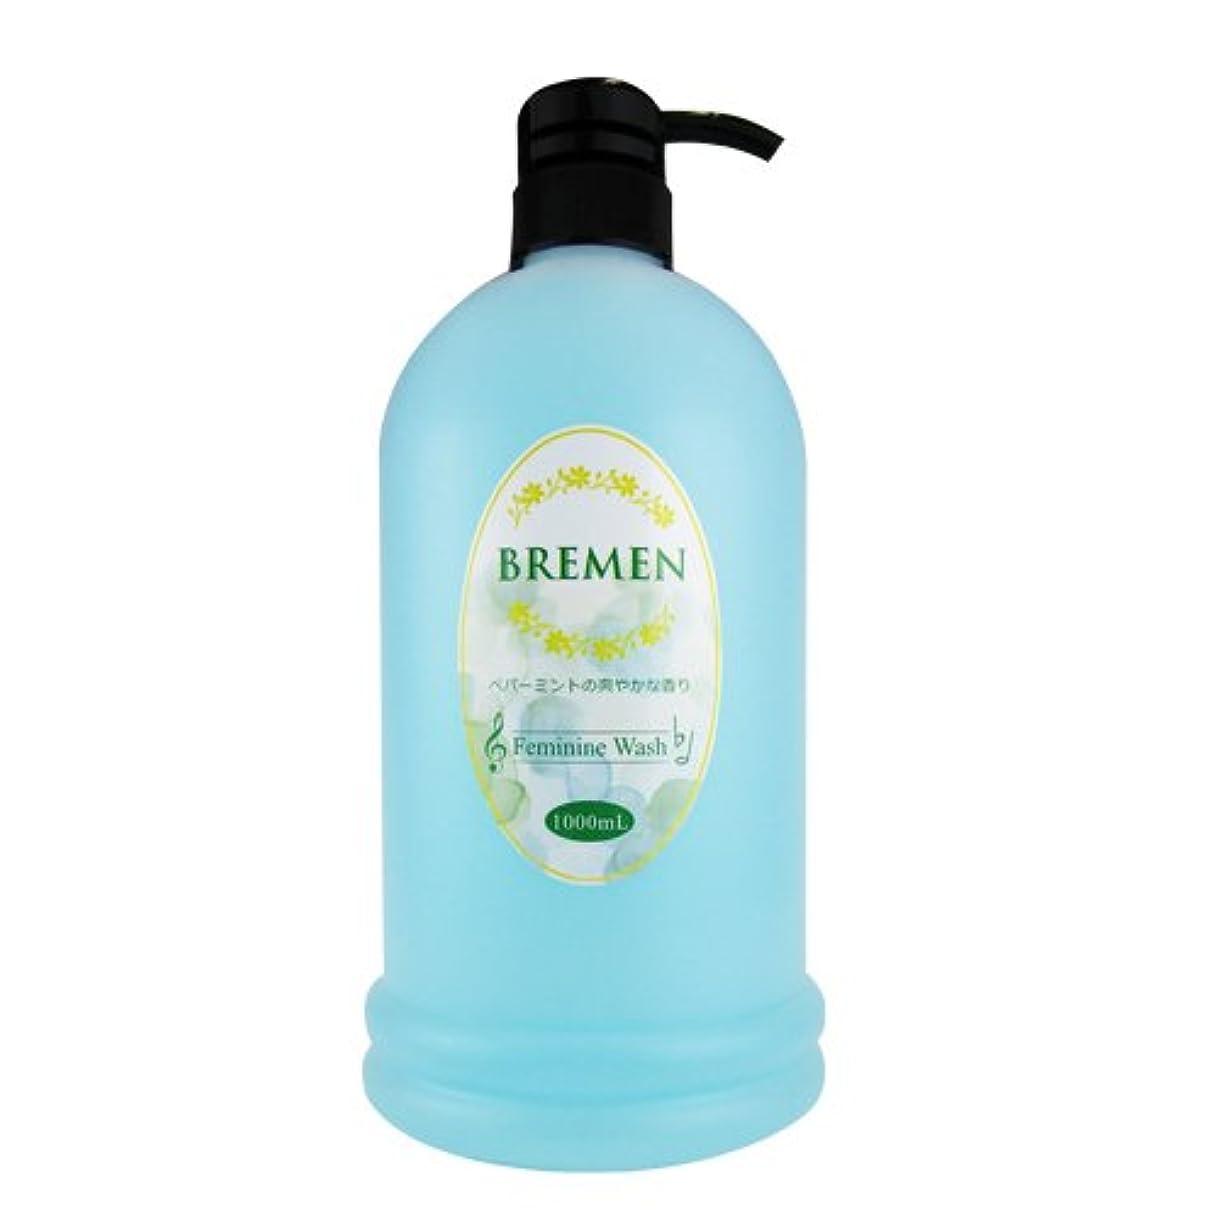 むしゃむしゃ悪質な製造業ブレーメン(BREMEN) フェミニンウォッシュ(Feminine Wash) 1000ml ペパーミントの爽やかな香り